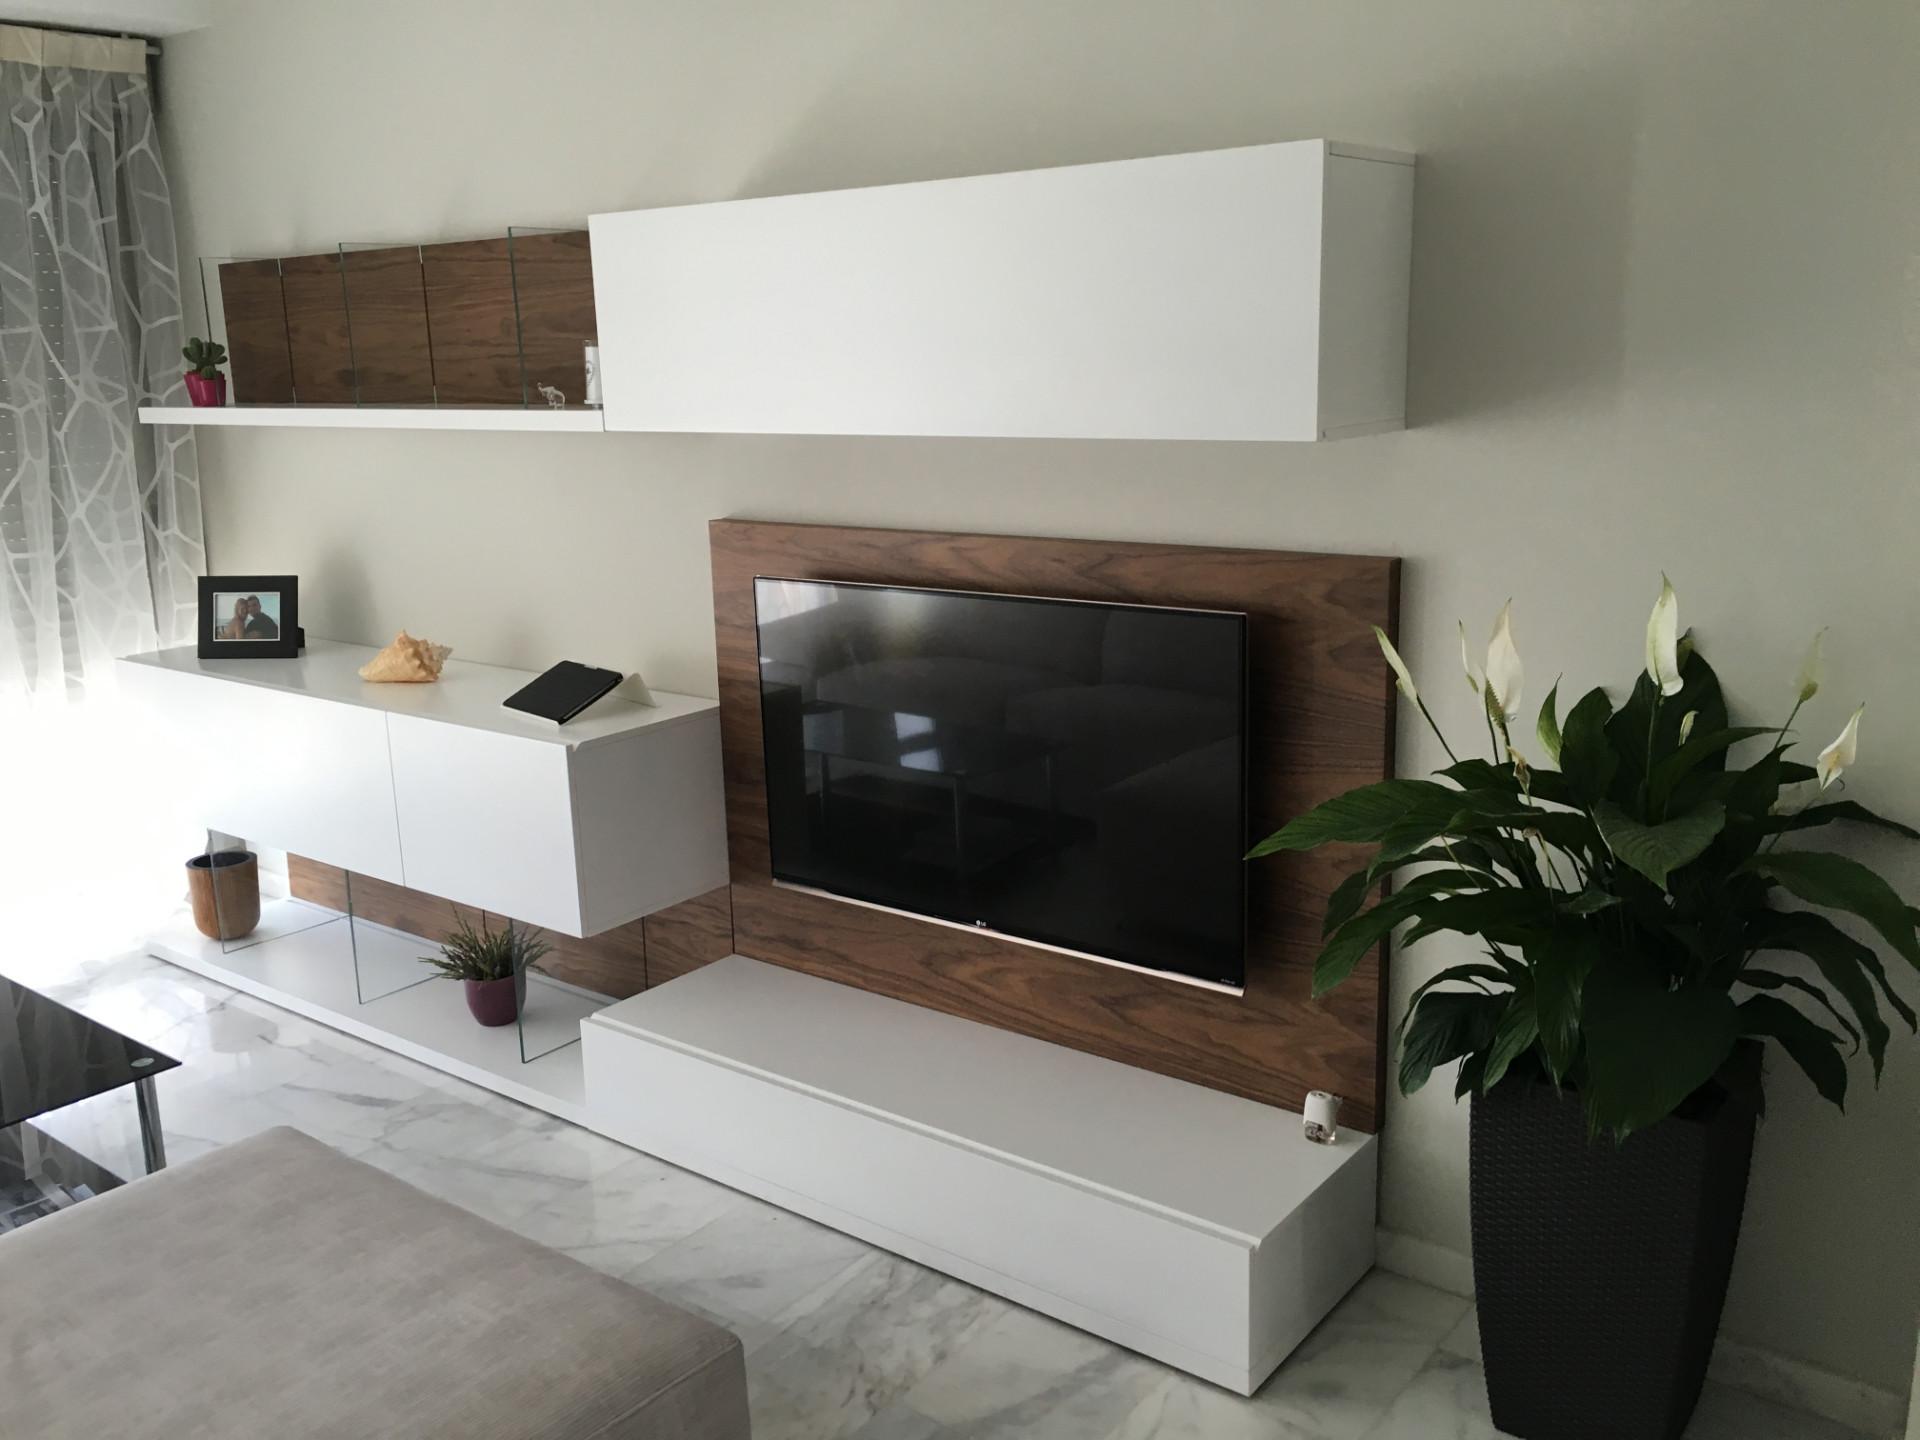 proyectos-interiorismo-viviendas-casas-particulares-chalets-valencia-3